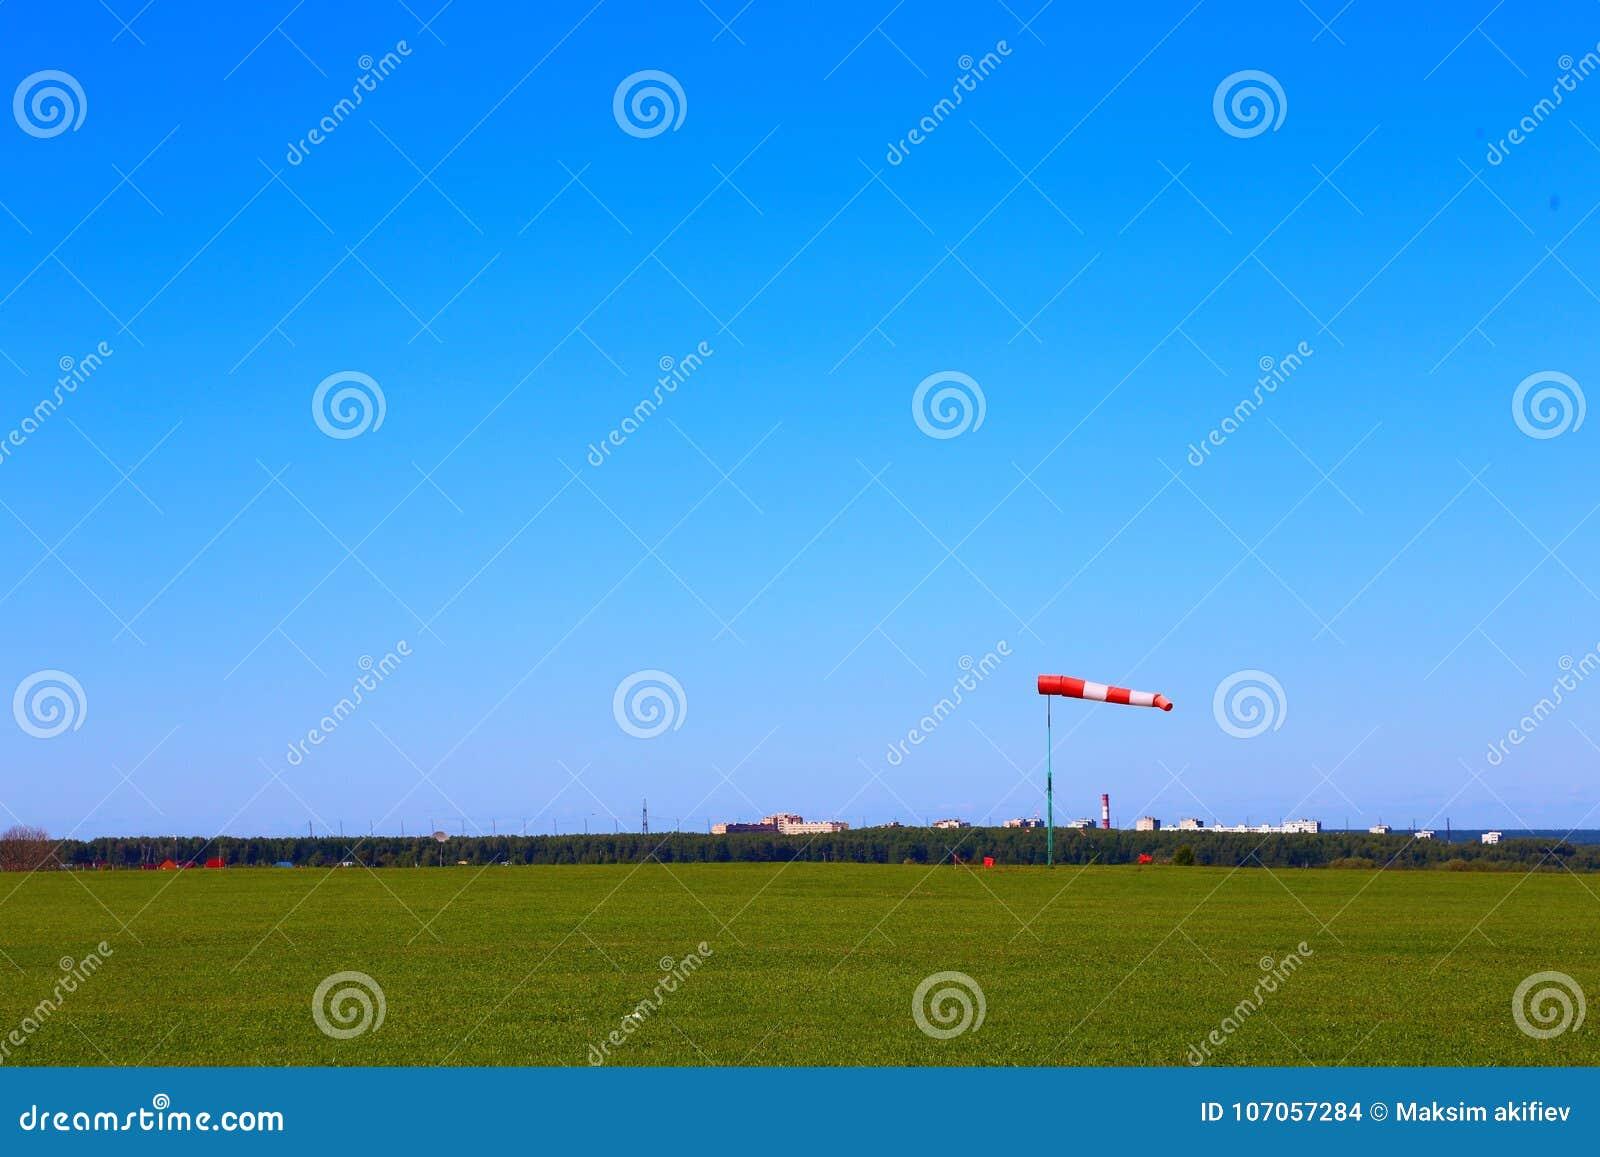 Windwijzer op het vliegveld tegen de hemel en het groene gras